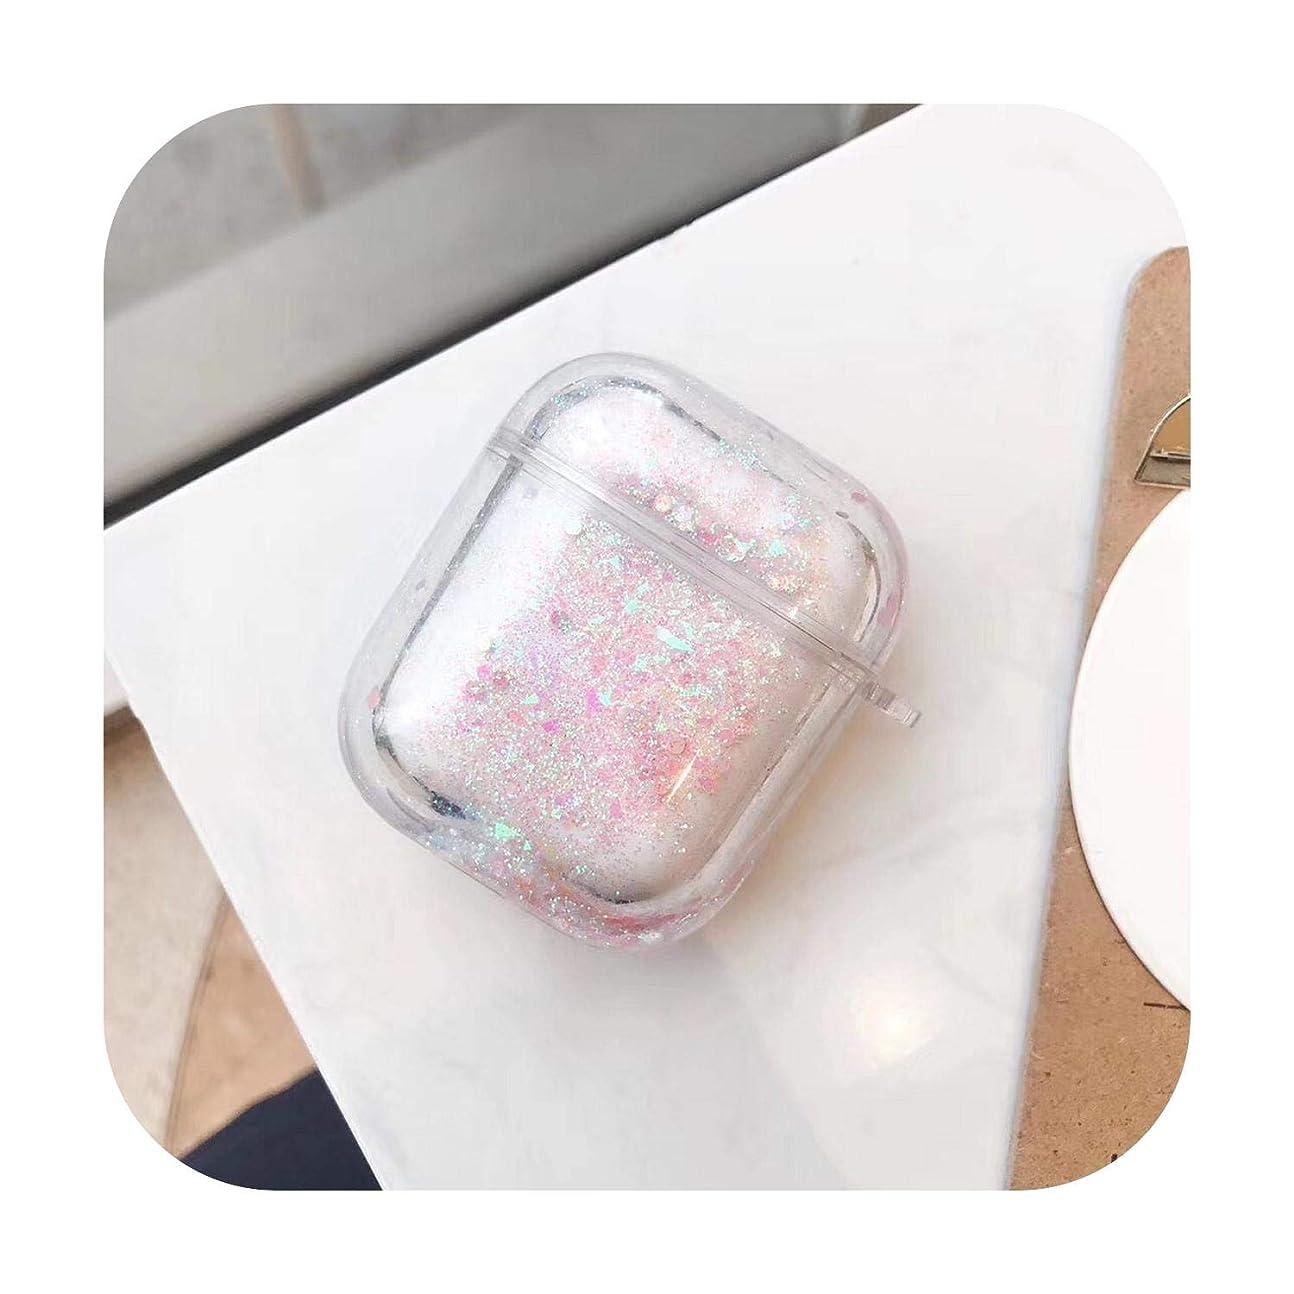 科学熱狂的なサルベージシンプルな流砂型Airpods用カバーfor for AppleワイヤレスBluetoothヘッドセットパーソナリティクリエイティブハードシェル粉砕防止カバー-ピンクの流砂-Airpods用1 / 2世代に適用可能